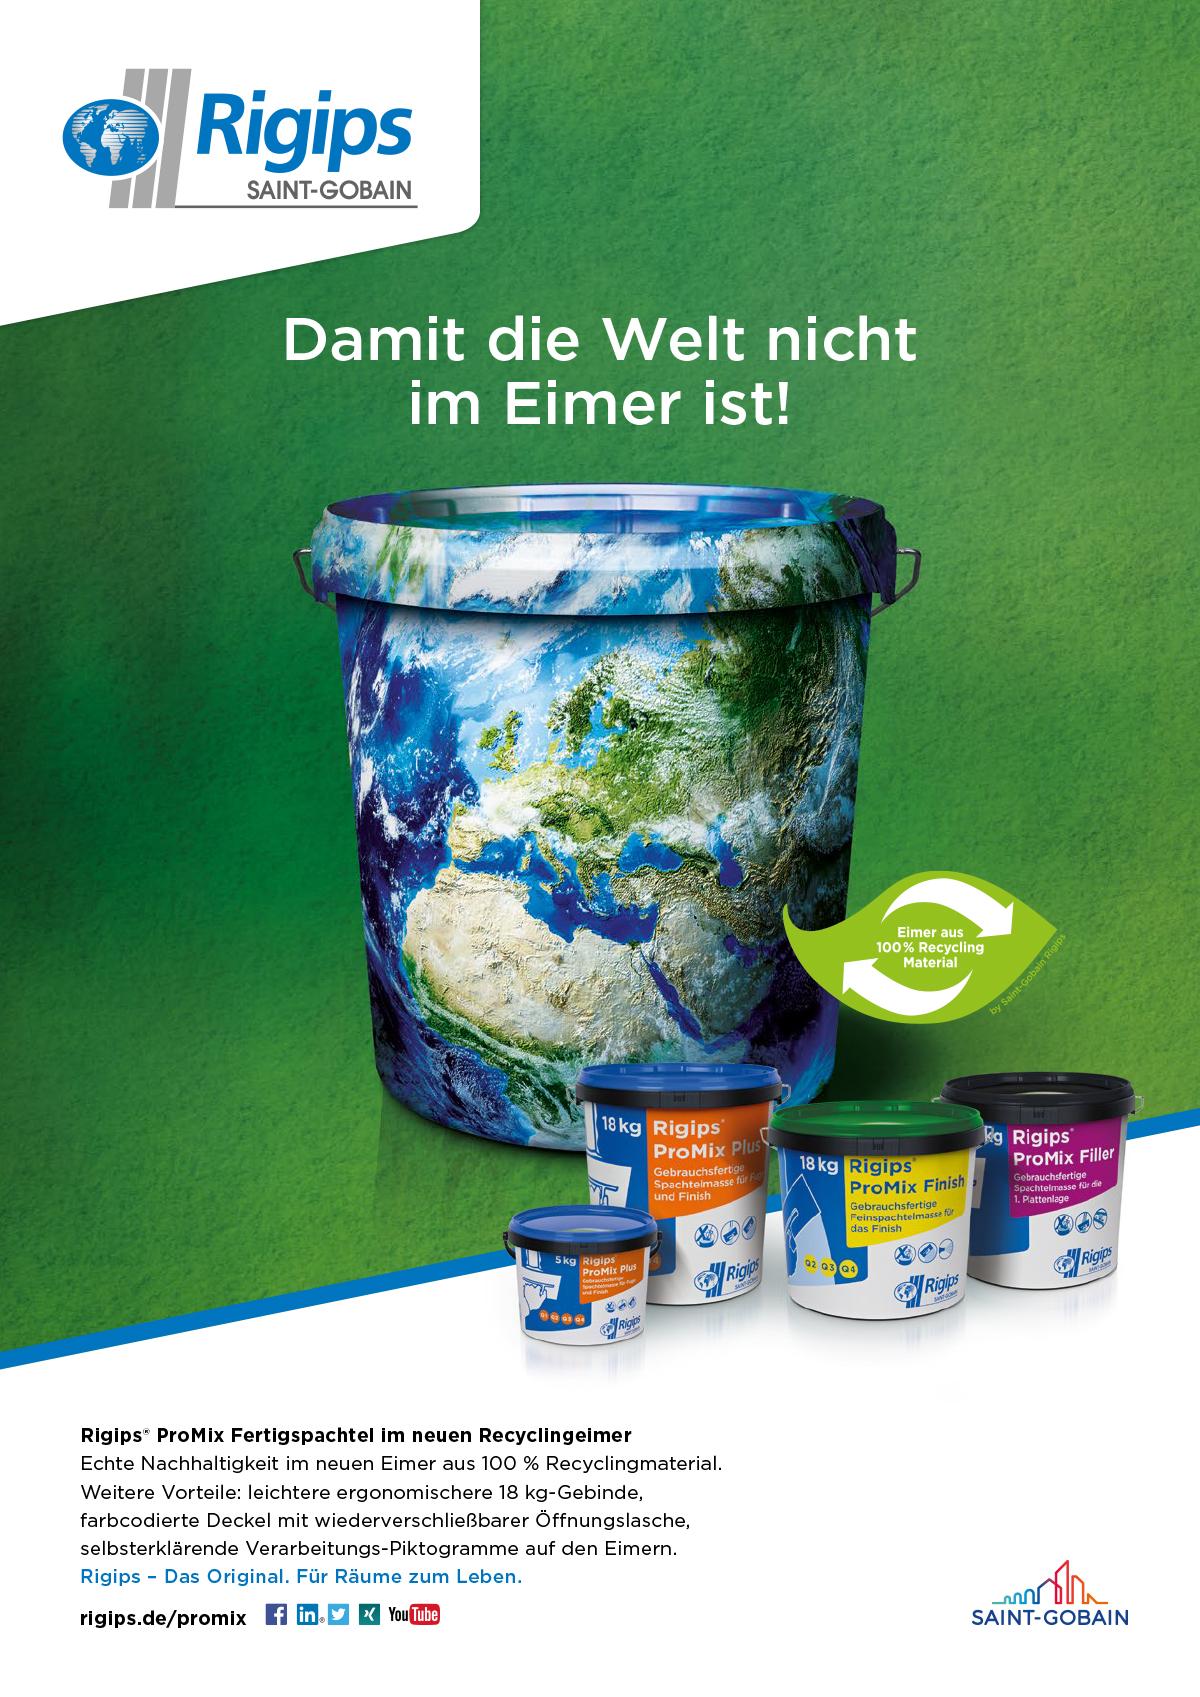 Rigips ProMix Recyclingeimer Anzeige